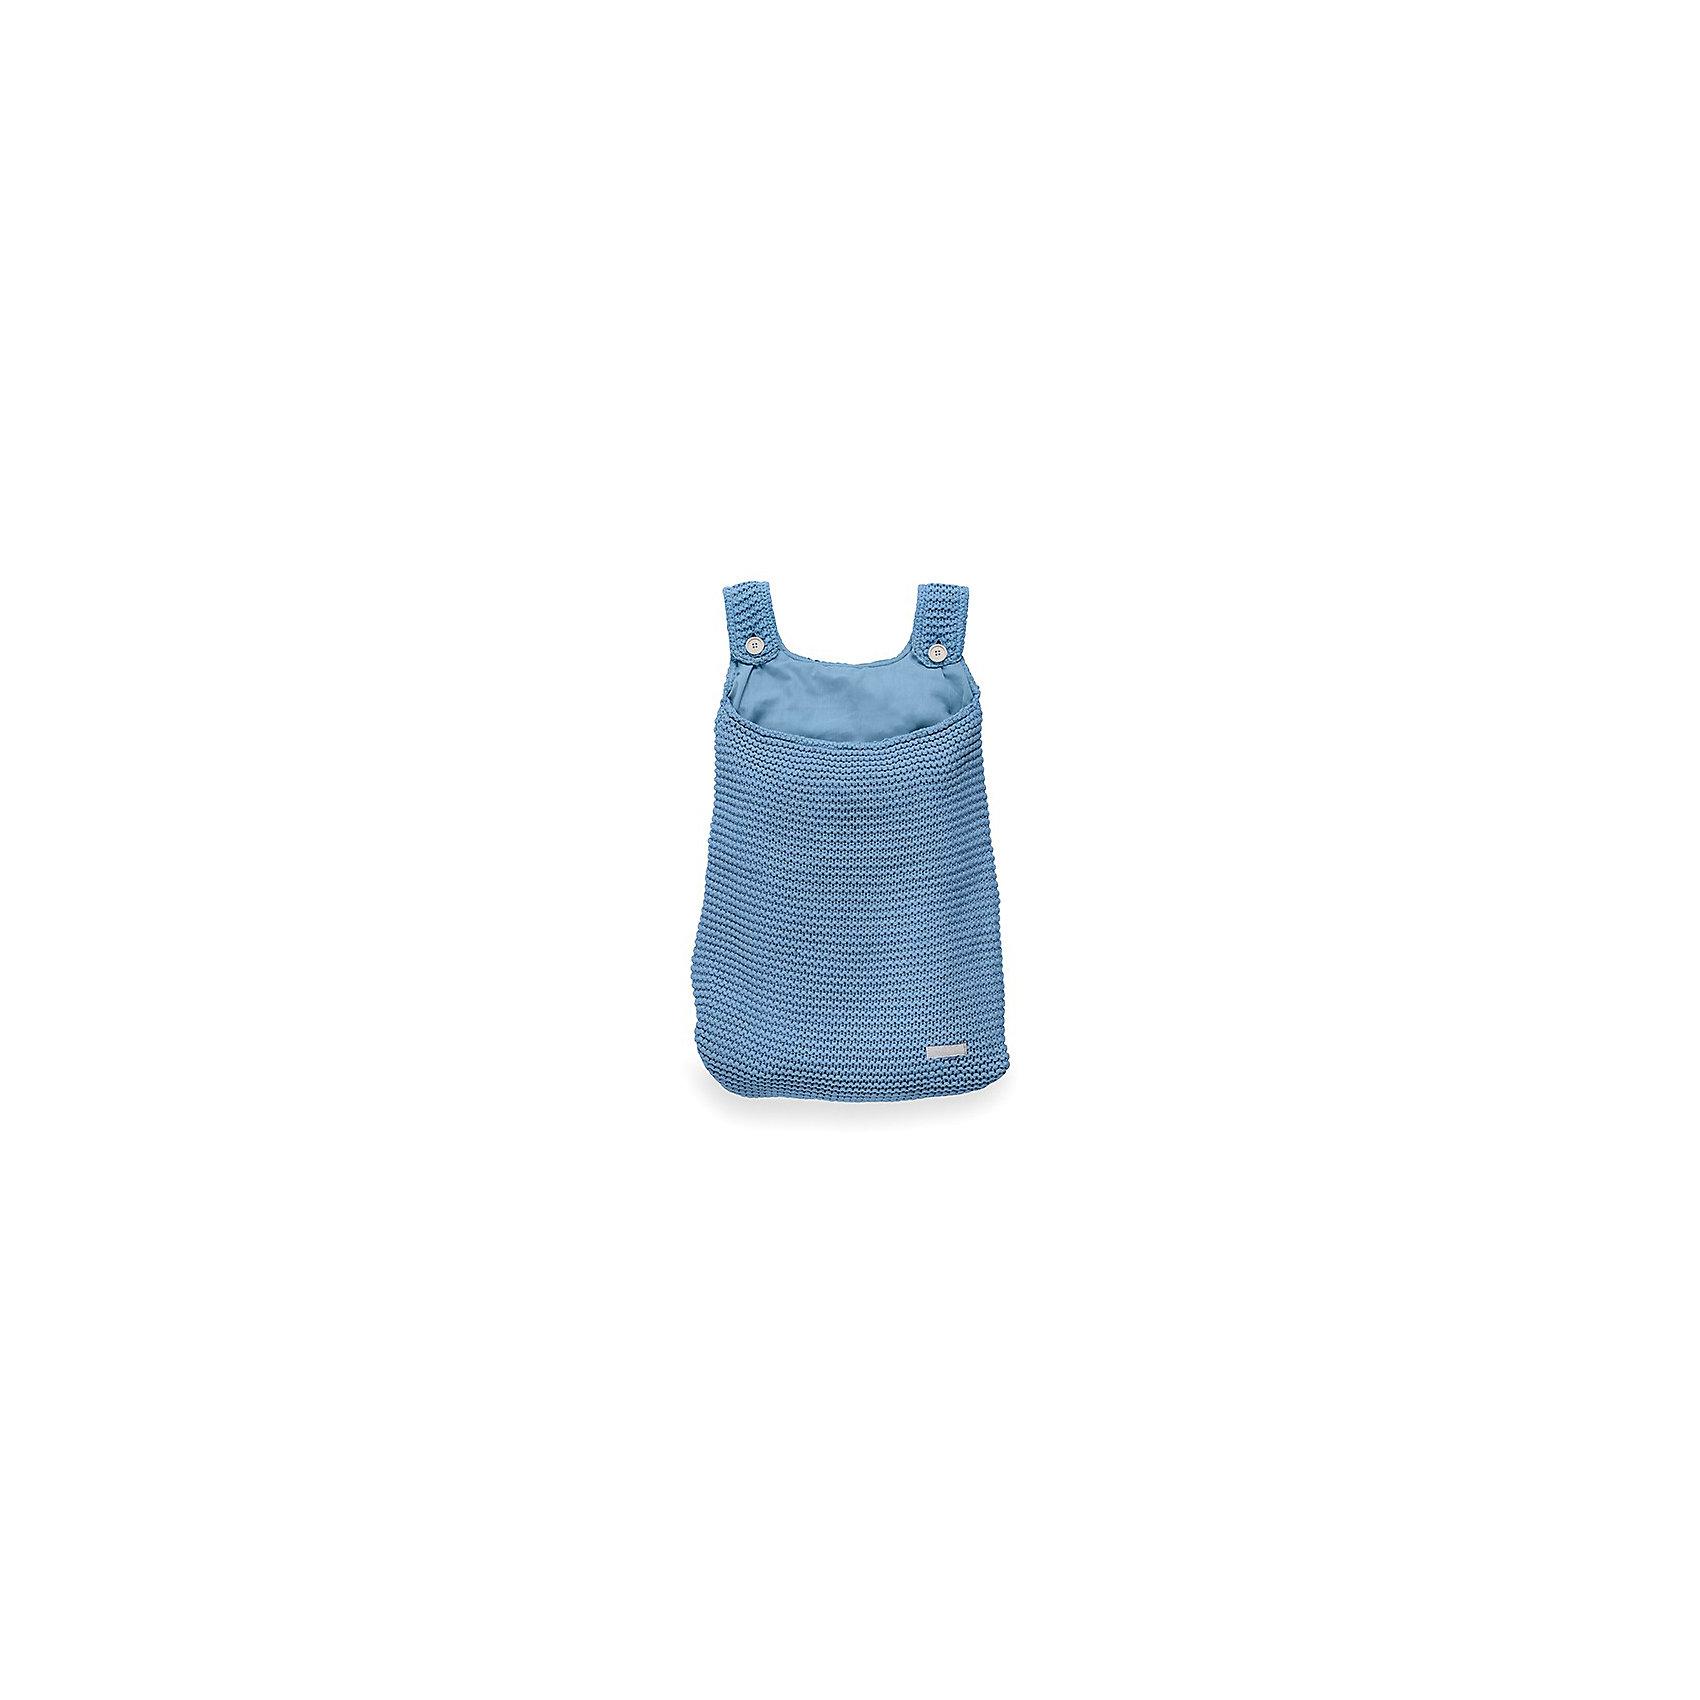 Сумка на кроватку, Jollein, BlueХарактеристики:<br><br>• Вид детского текстиля: сумка на детскую кроватку<br>• Предназначение: для хранения детских текстильных принадлежностей<br>• Пол: универсальный<br>• Коллекция: Heavy knit (Крупная вязка)<br>• Цвет: голубой<br>• Тематика рисунка: без рисунка<br>• Крепится к кроватке за счет лямок на пуговицах<br>• Универсальный размер, подходит для любых моделей детских кроваток<br>• Материал: 50% хлопок, 50% акрил<br>• Размер: 50*40 см<br>• Особенности ухода: машинная или ручная стирка при температуре не более 30 градусов<br><br>Сумка на кроватку, Jollein, Blue от торговой марки Жолляйн, которая является признанным лидером среди аналогичных брендов, выпускающих детское постельное белье и текстиль для новорожденных. Продукция этого торгового бренда отличается высоким качеством и дизайнерским стилем. Сумка на кроватку Jollein, Blue выполнена из вязаного полотна, в состав которого входит хлопок и акрил. Такое сочетание обеспечивает прочность и долговечность изделия: оно не потеряет форму и на нем не будут образовываться катышки даже при частных стирках и длительной эксплуатации. <br><br>Изделие выполнено в форме сумки с двумя лямками на пуговицах, с помощью которых она крепится к бортику кроватки. У сумки имеется подклад. Изделие имеет дизайнерский стиль марки Жолляйн – сдержанный минимализм: однотонное полотно, выполненное крупной вязкой. <br>Сумка на кроватку, Jollein, Blue – это не только порядок и уют, это еще и стильный аксессуар для детской комнаты вашего малыша! <br><br>Сумку на кроватку, Jollein, Blue можно купить в нашем интернет-магазине.<br><br>Ширина мм: 250<br>Глубина мм: 400<br>Высота мм: 50<br>Вес г: 500<br>Возраст от месяцев: 0<br>Возраст до месяцев: 36<br>Пол: Унисекс<br>Возраст: Детский<br>SKU: 5367094